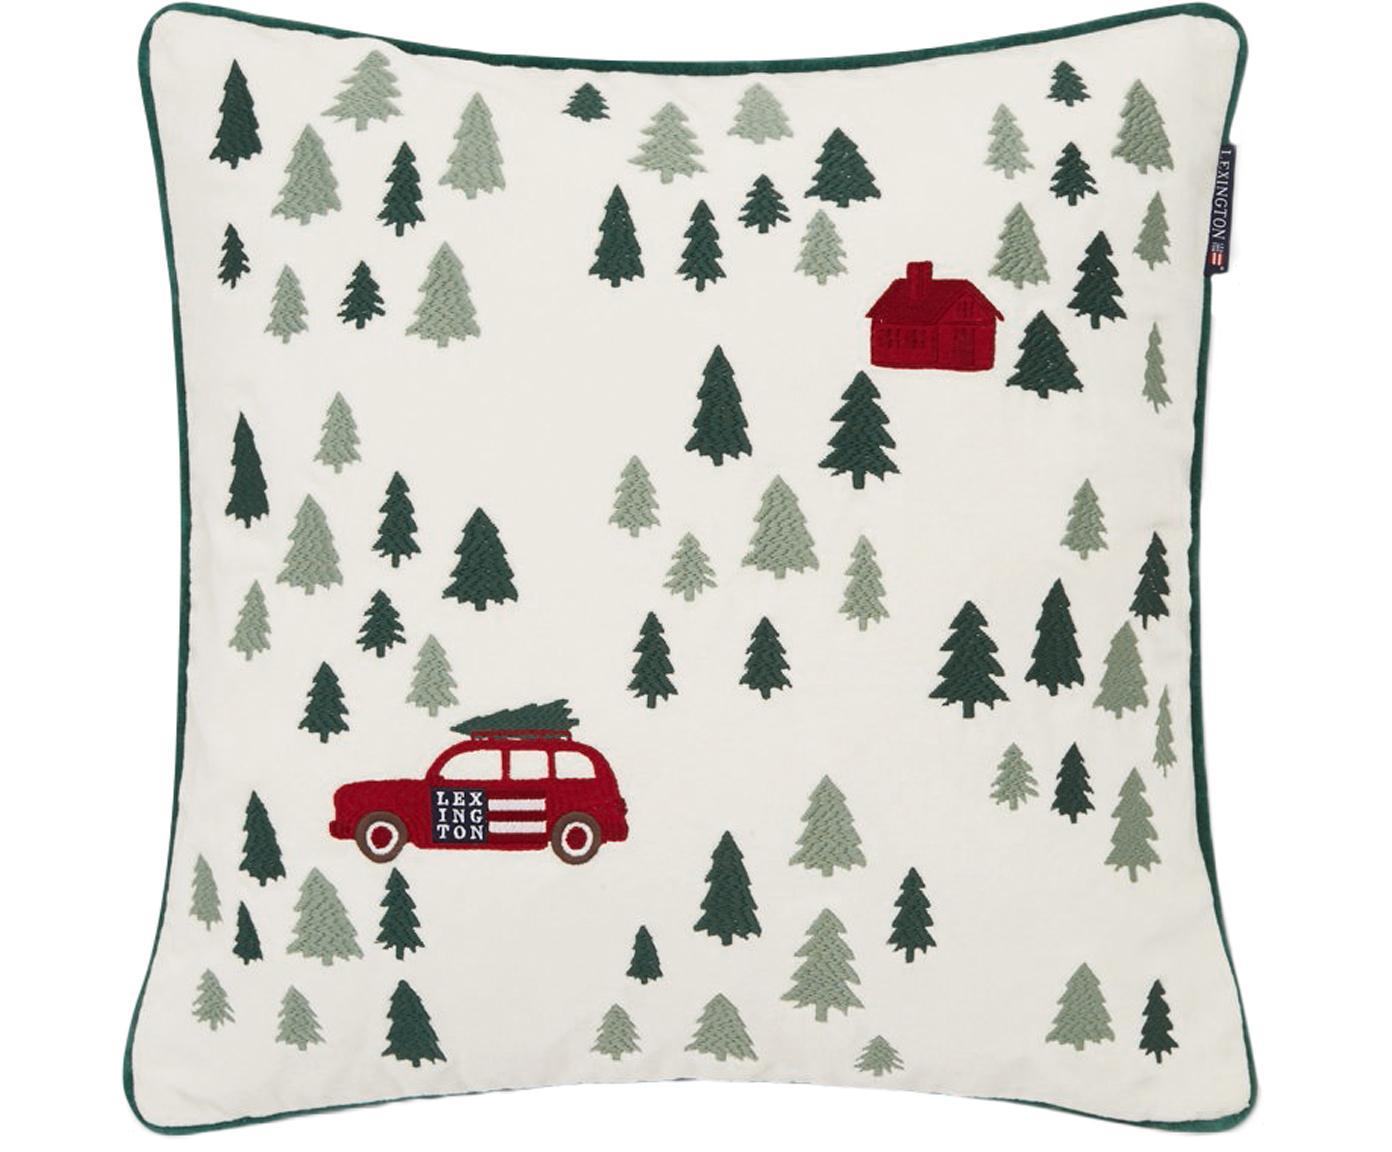 Poszewka na poduszkę z aksamitu Holiday, Aksamit bawełniany, Biały, czerwony, zielony, S 50 x D 50 cm